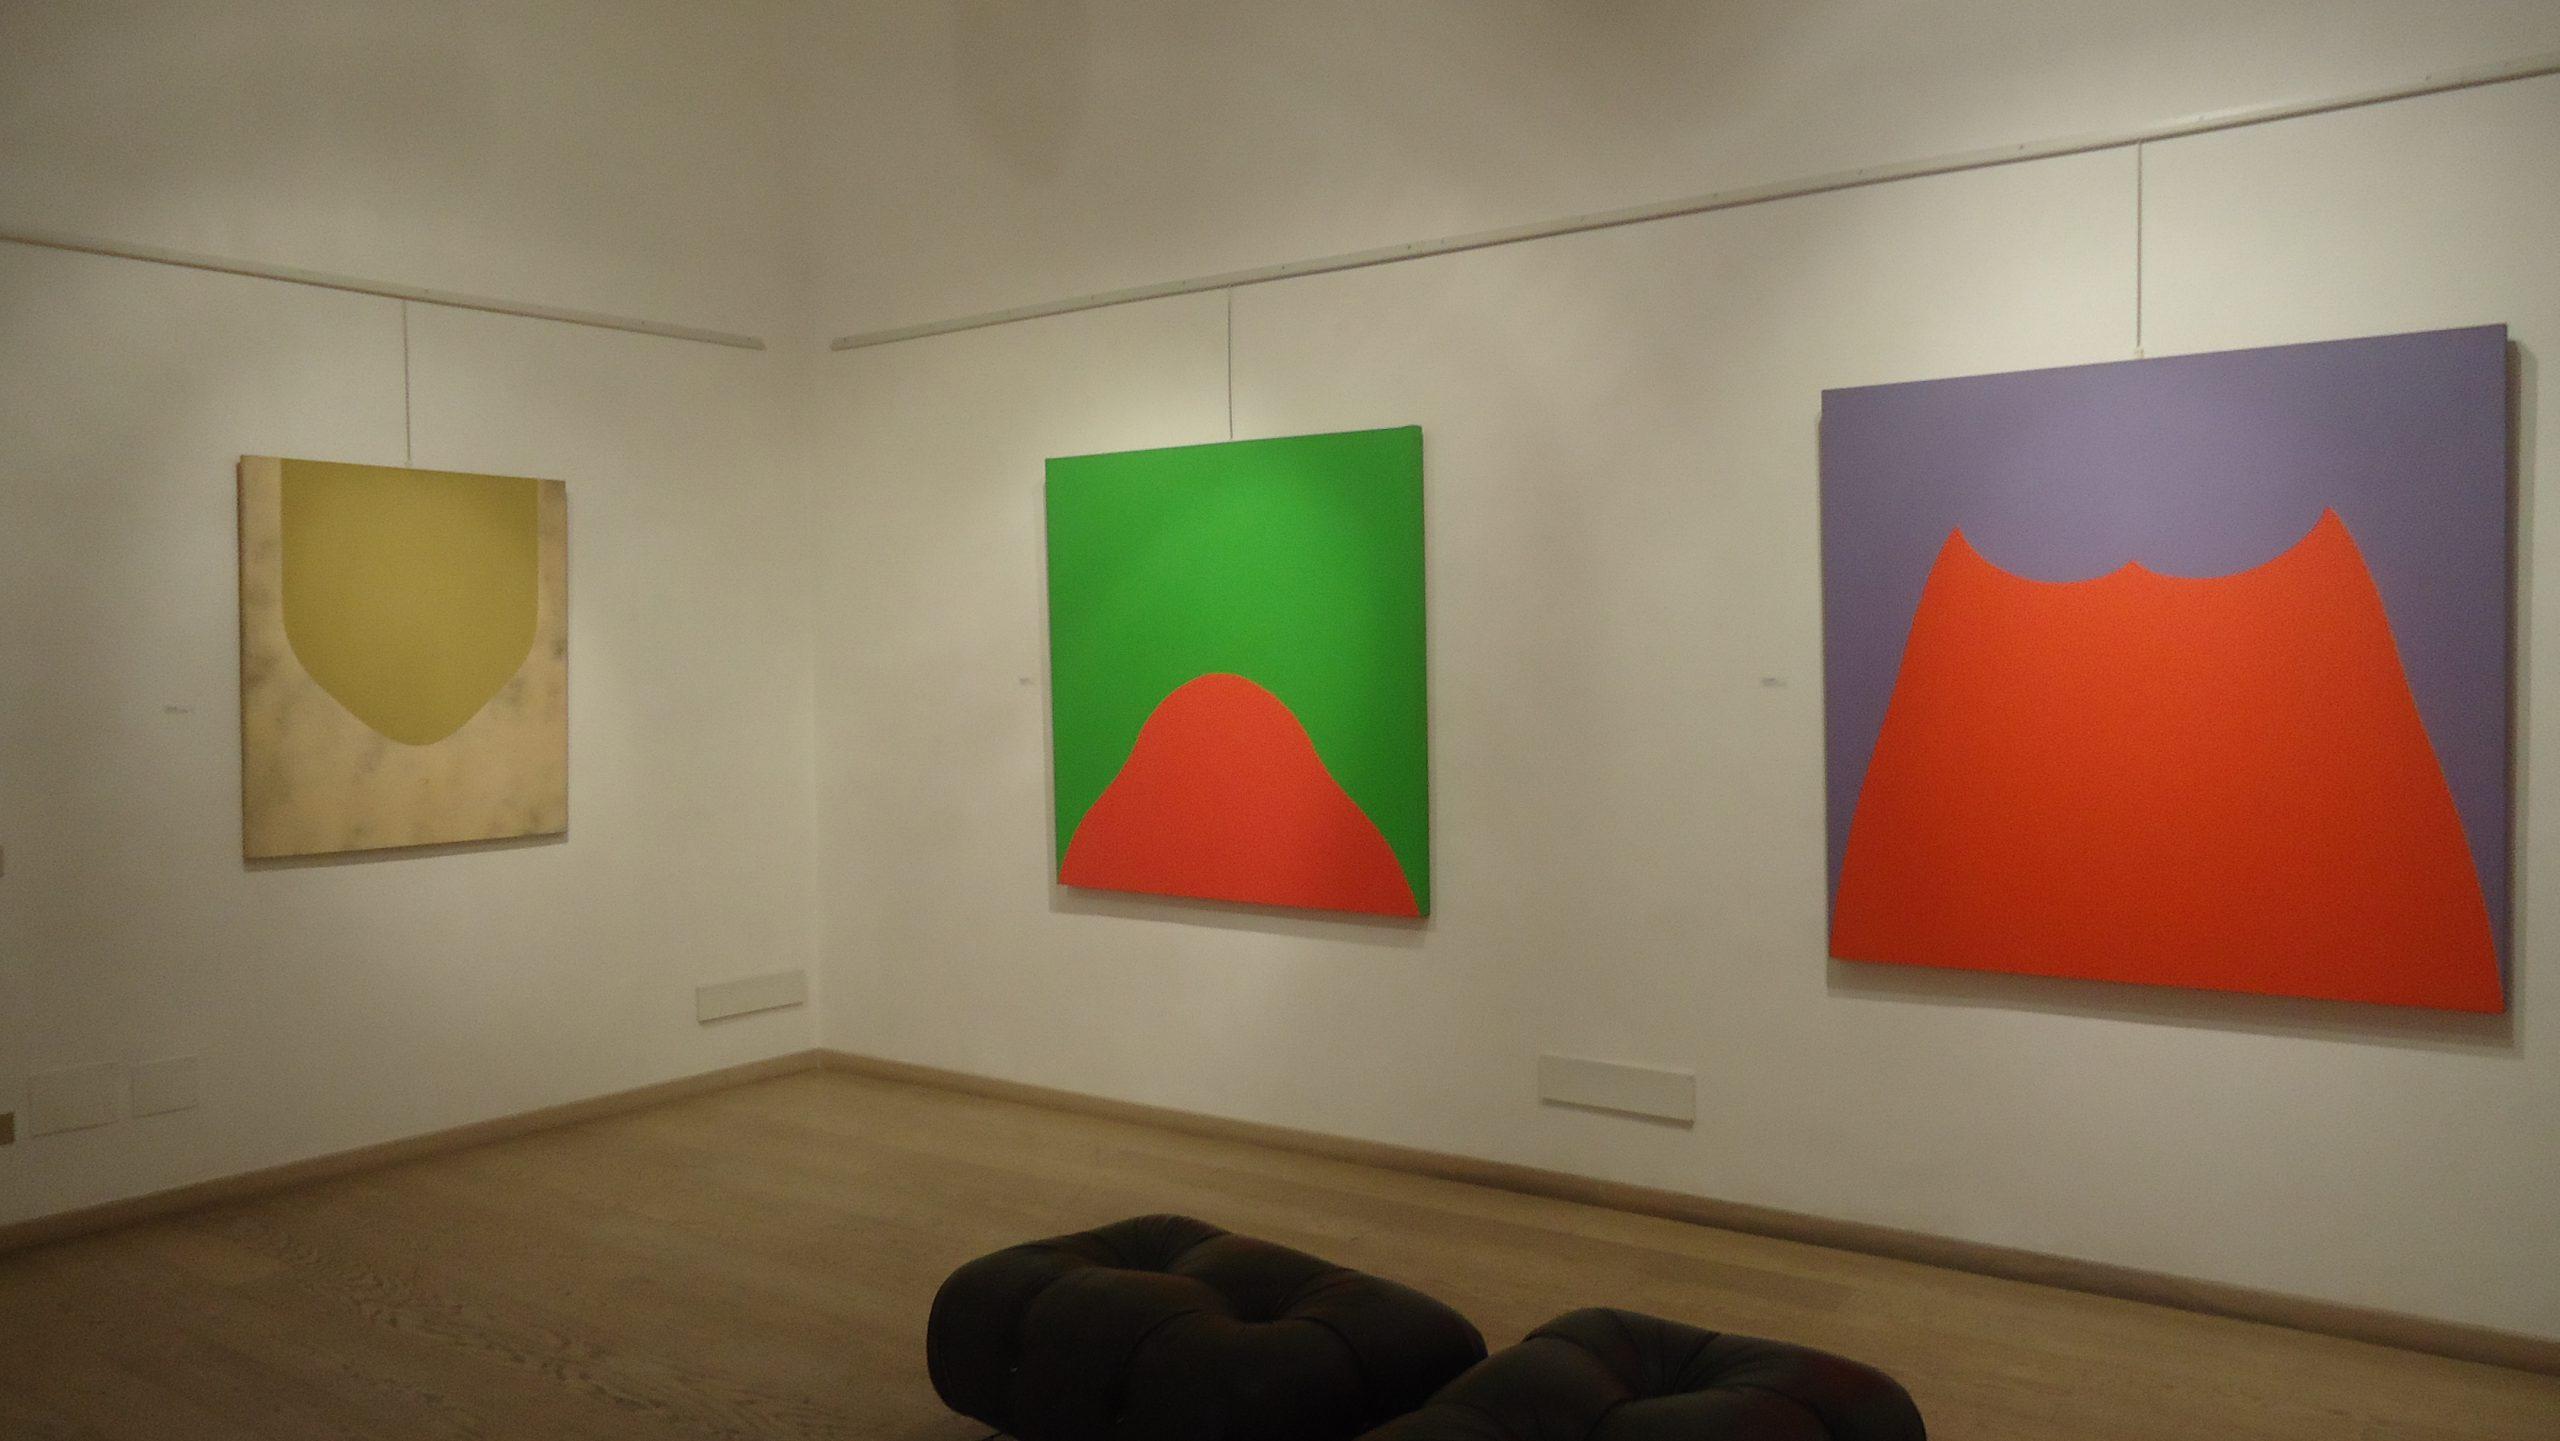 Immagini del colore. Marcia Hafif in primo piano